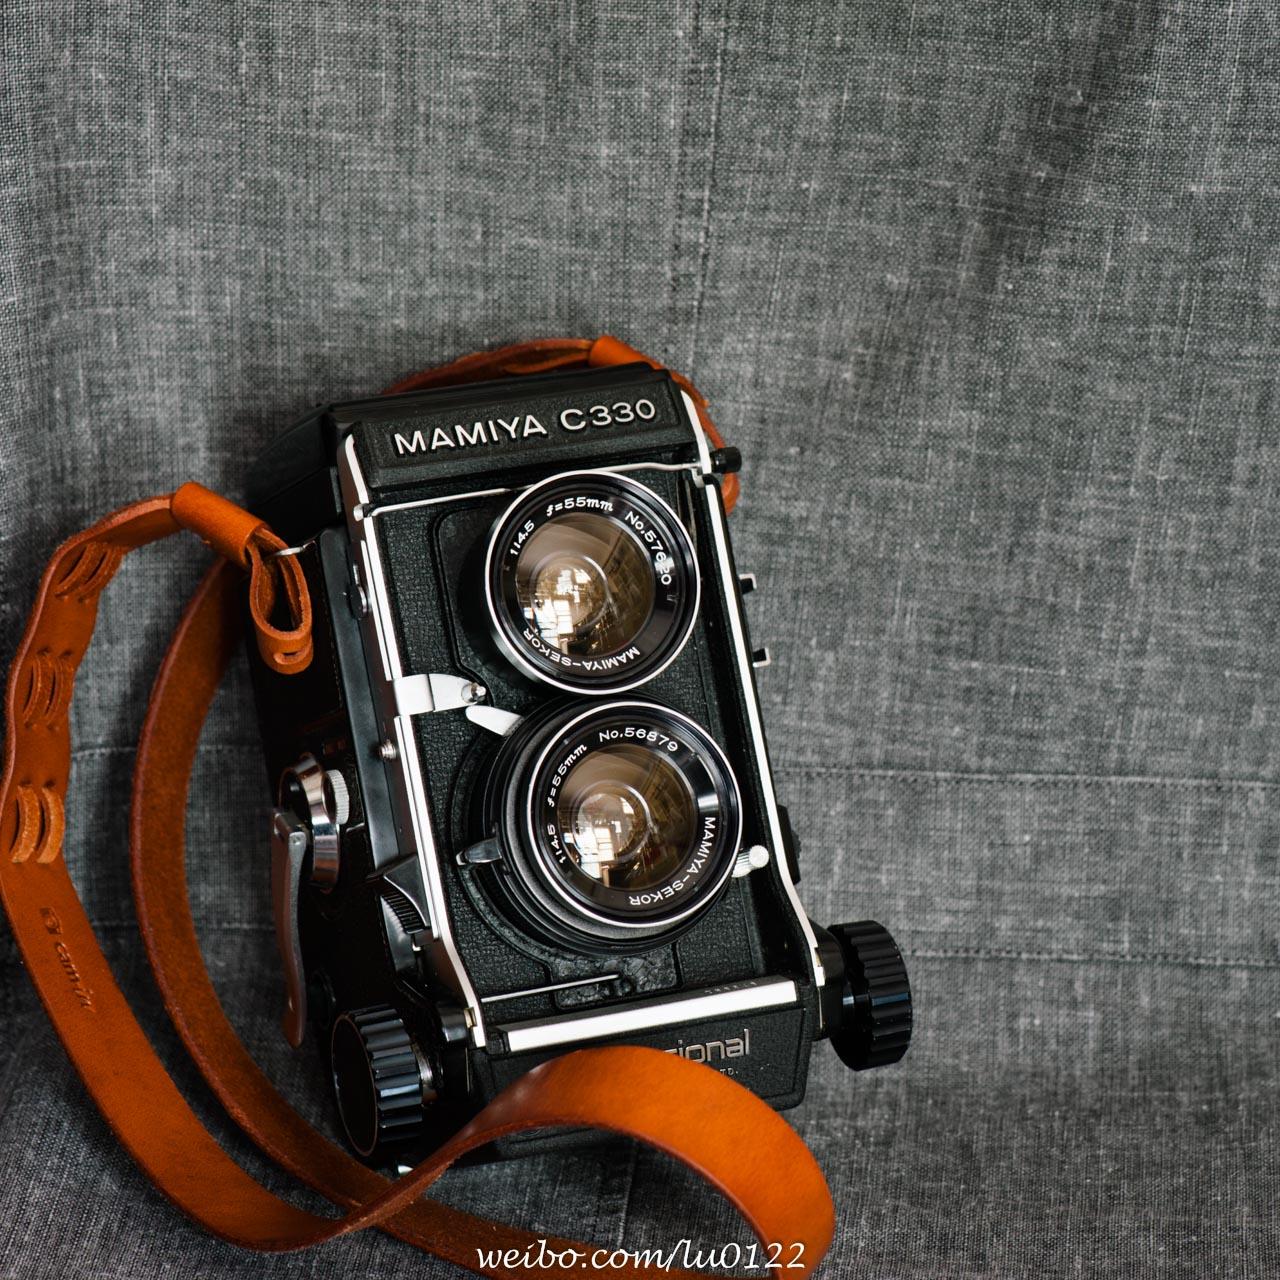 MAMIYA C330 55mm+105mm+135mm-菲林中文-独立胶片摄影门户!